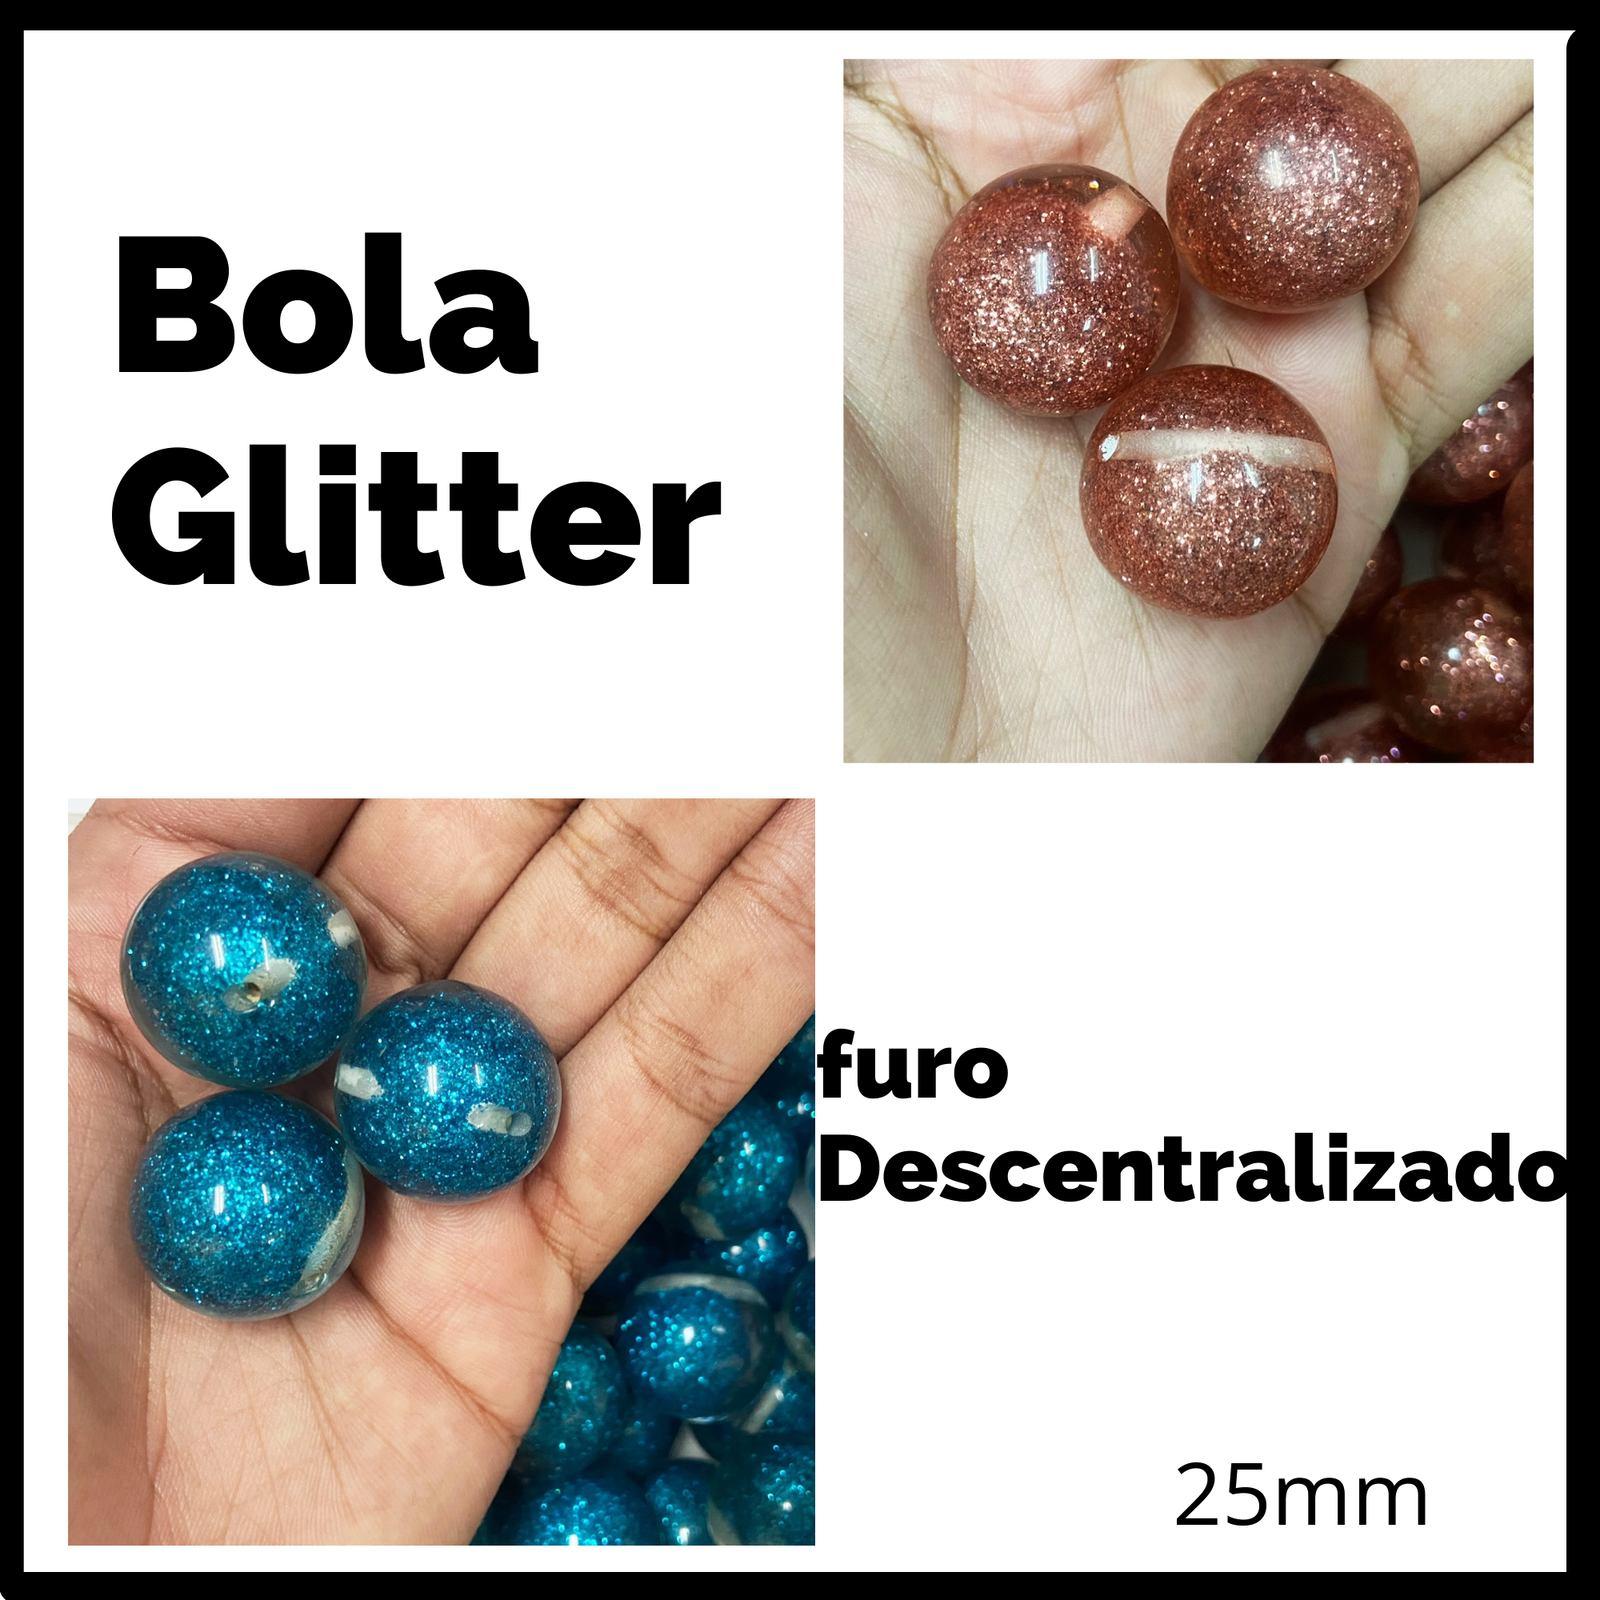 Bola Glitter c/furo Descentralizado 25mm